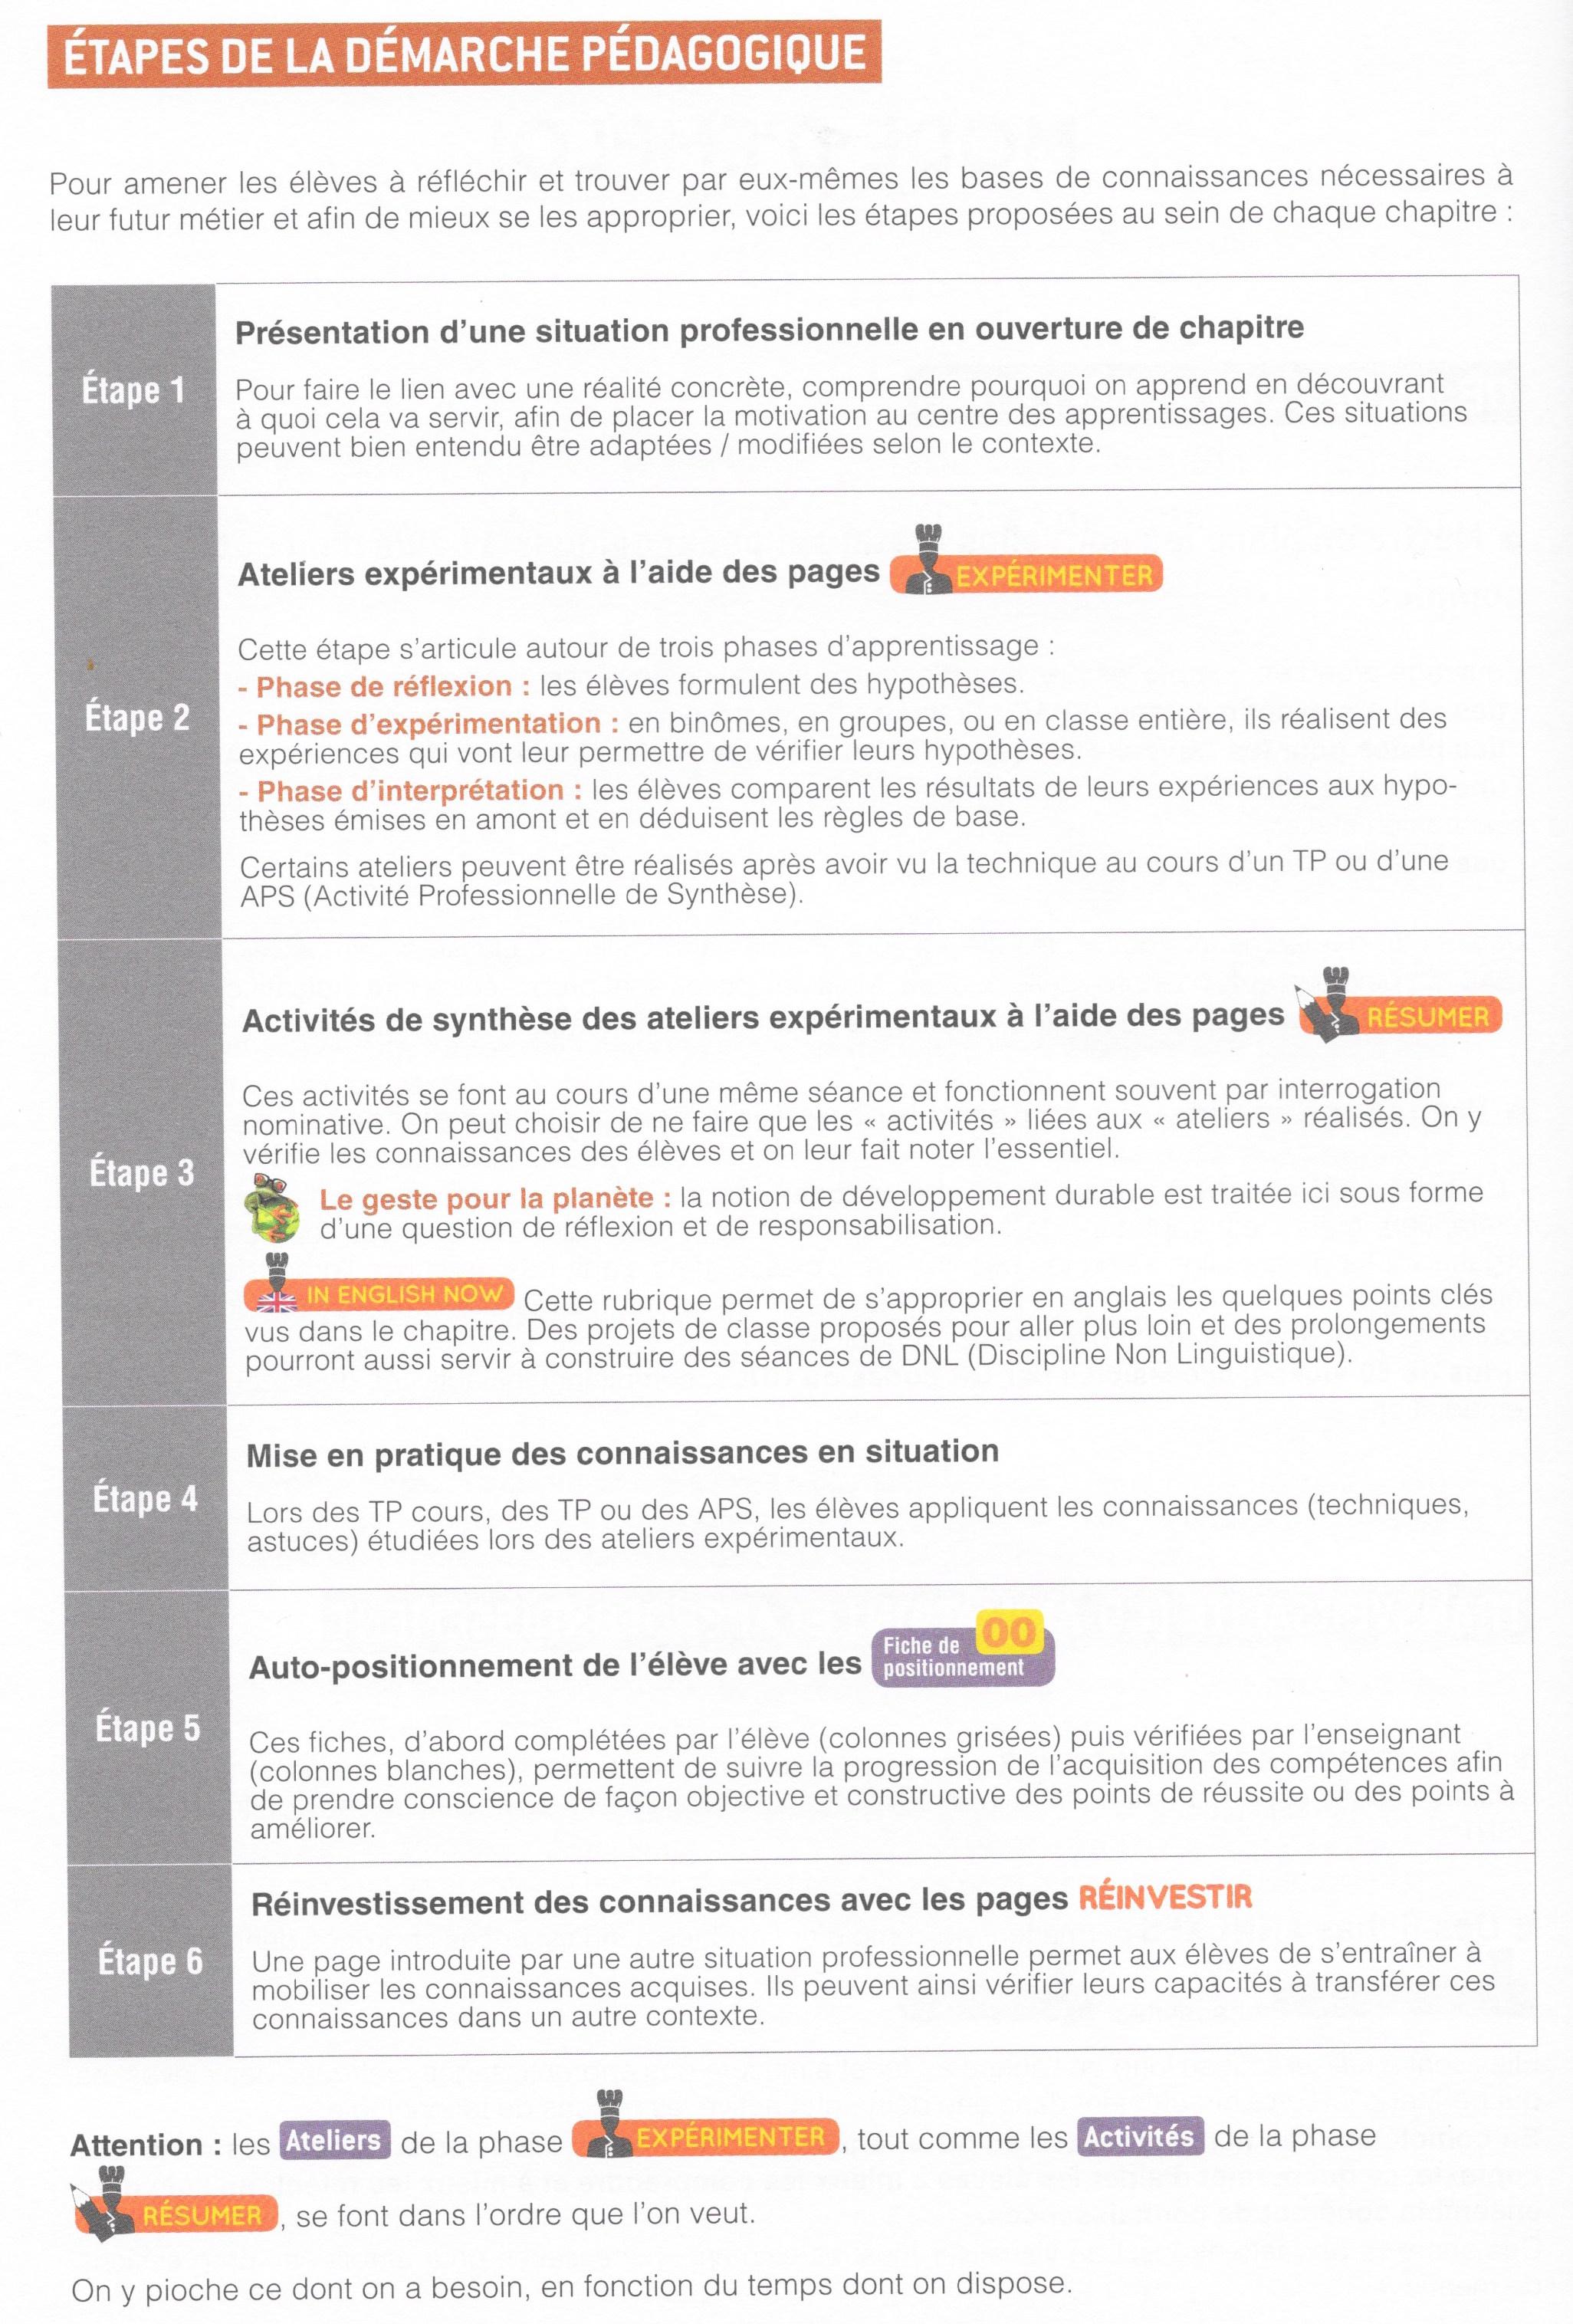 Special Apprentissage En Cuisine Restauration Plan Iqdiplomcom - Fiche bilan de competences bac pro cuisine